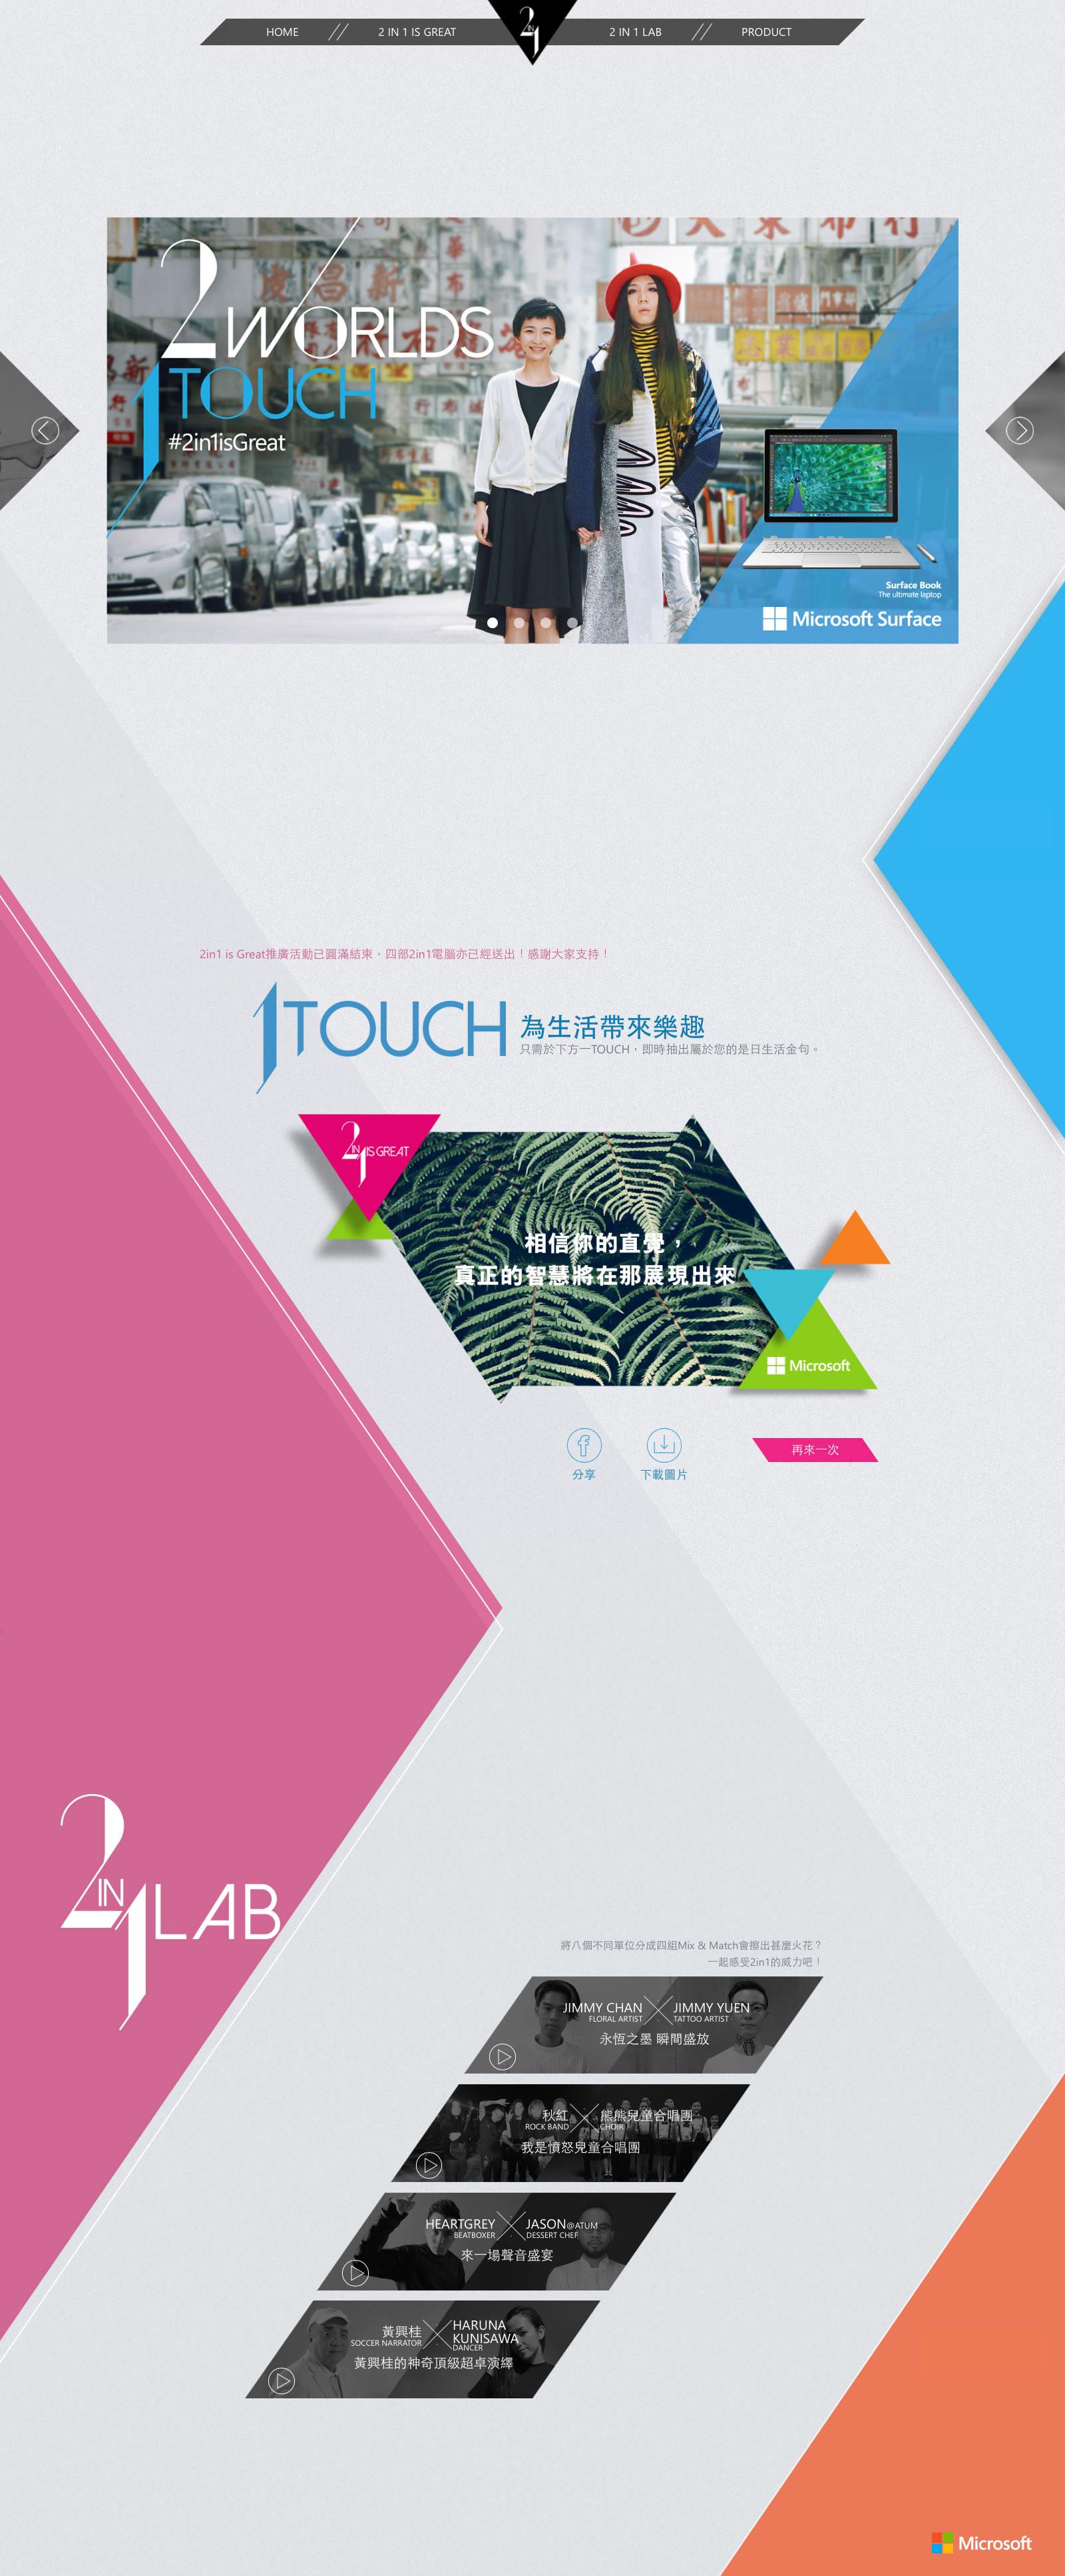 microsoft-hong-kong-2-worlds-1-touch